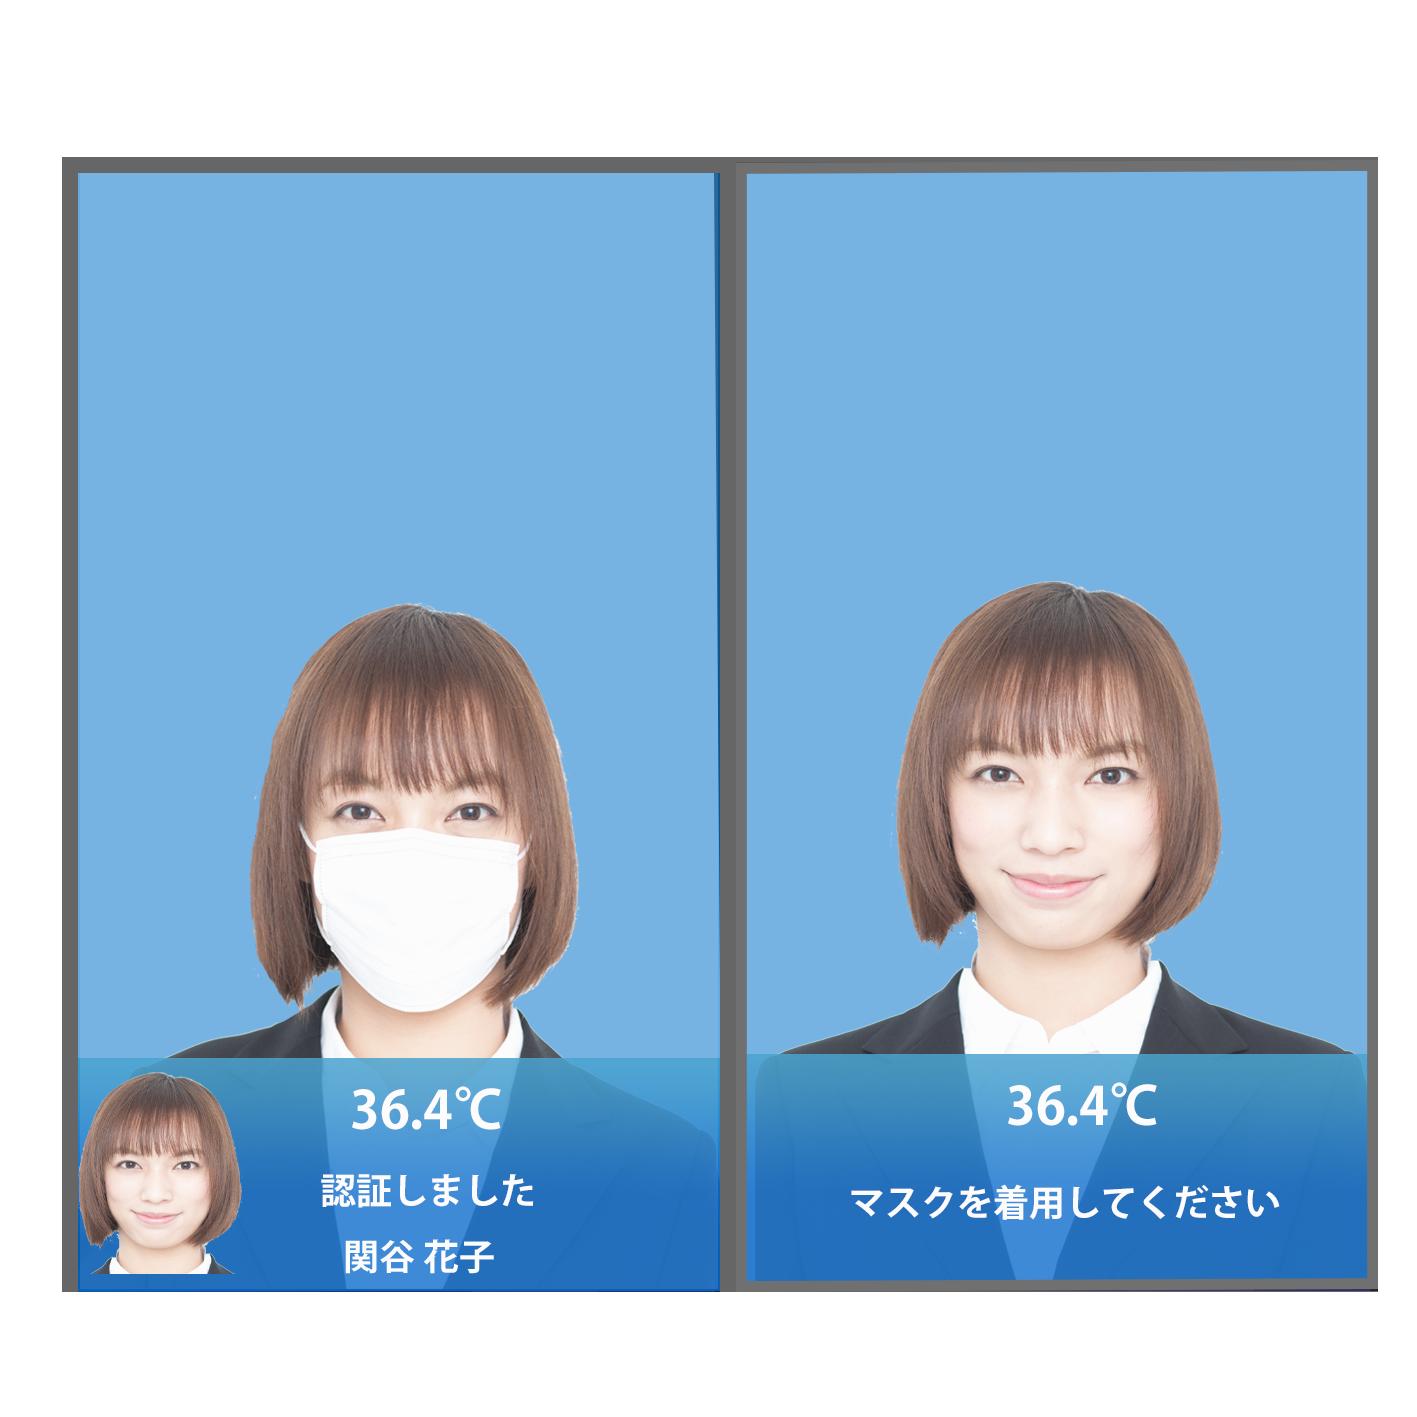 マスク 顔 認証 マスク着用時でも認証率99.9%、NECが新たな顔認証エンジンを開発:人工知能ニュース